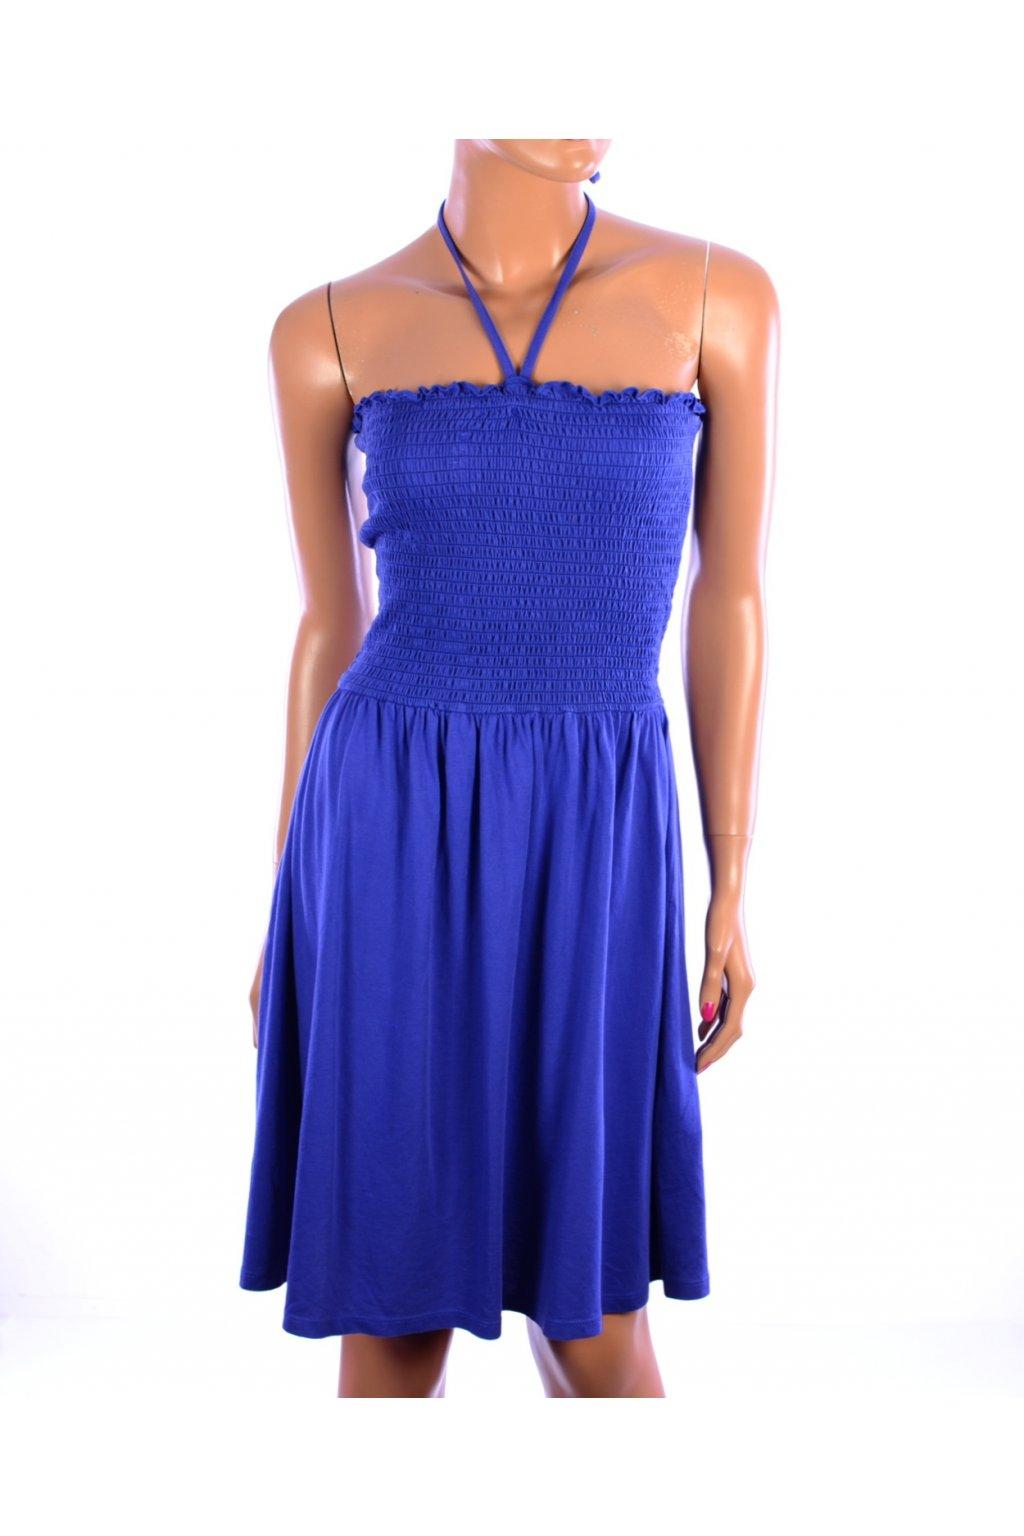 Šaty letní C&A vel S - 36/38  modré holá ramena